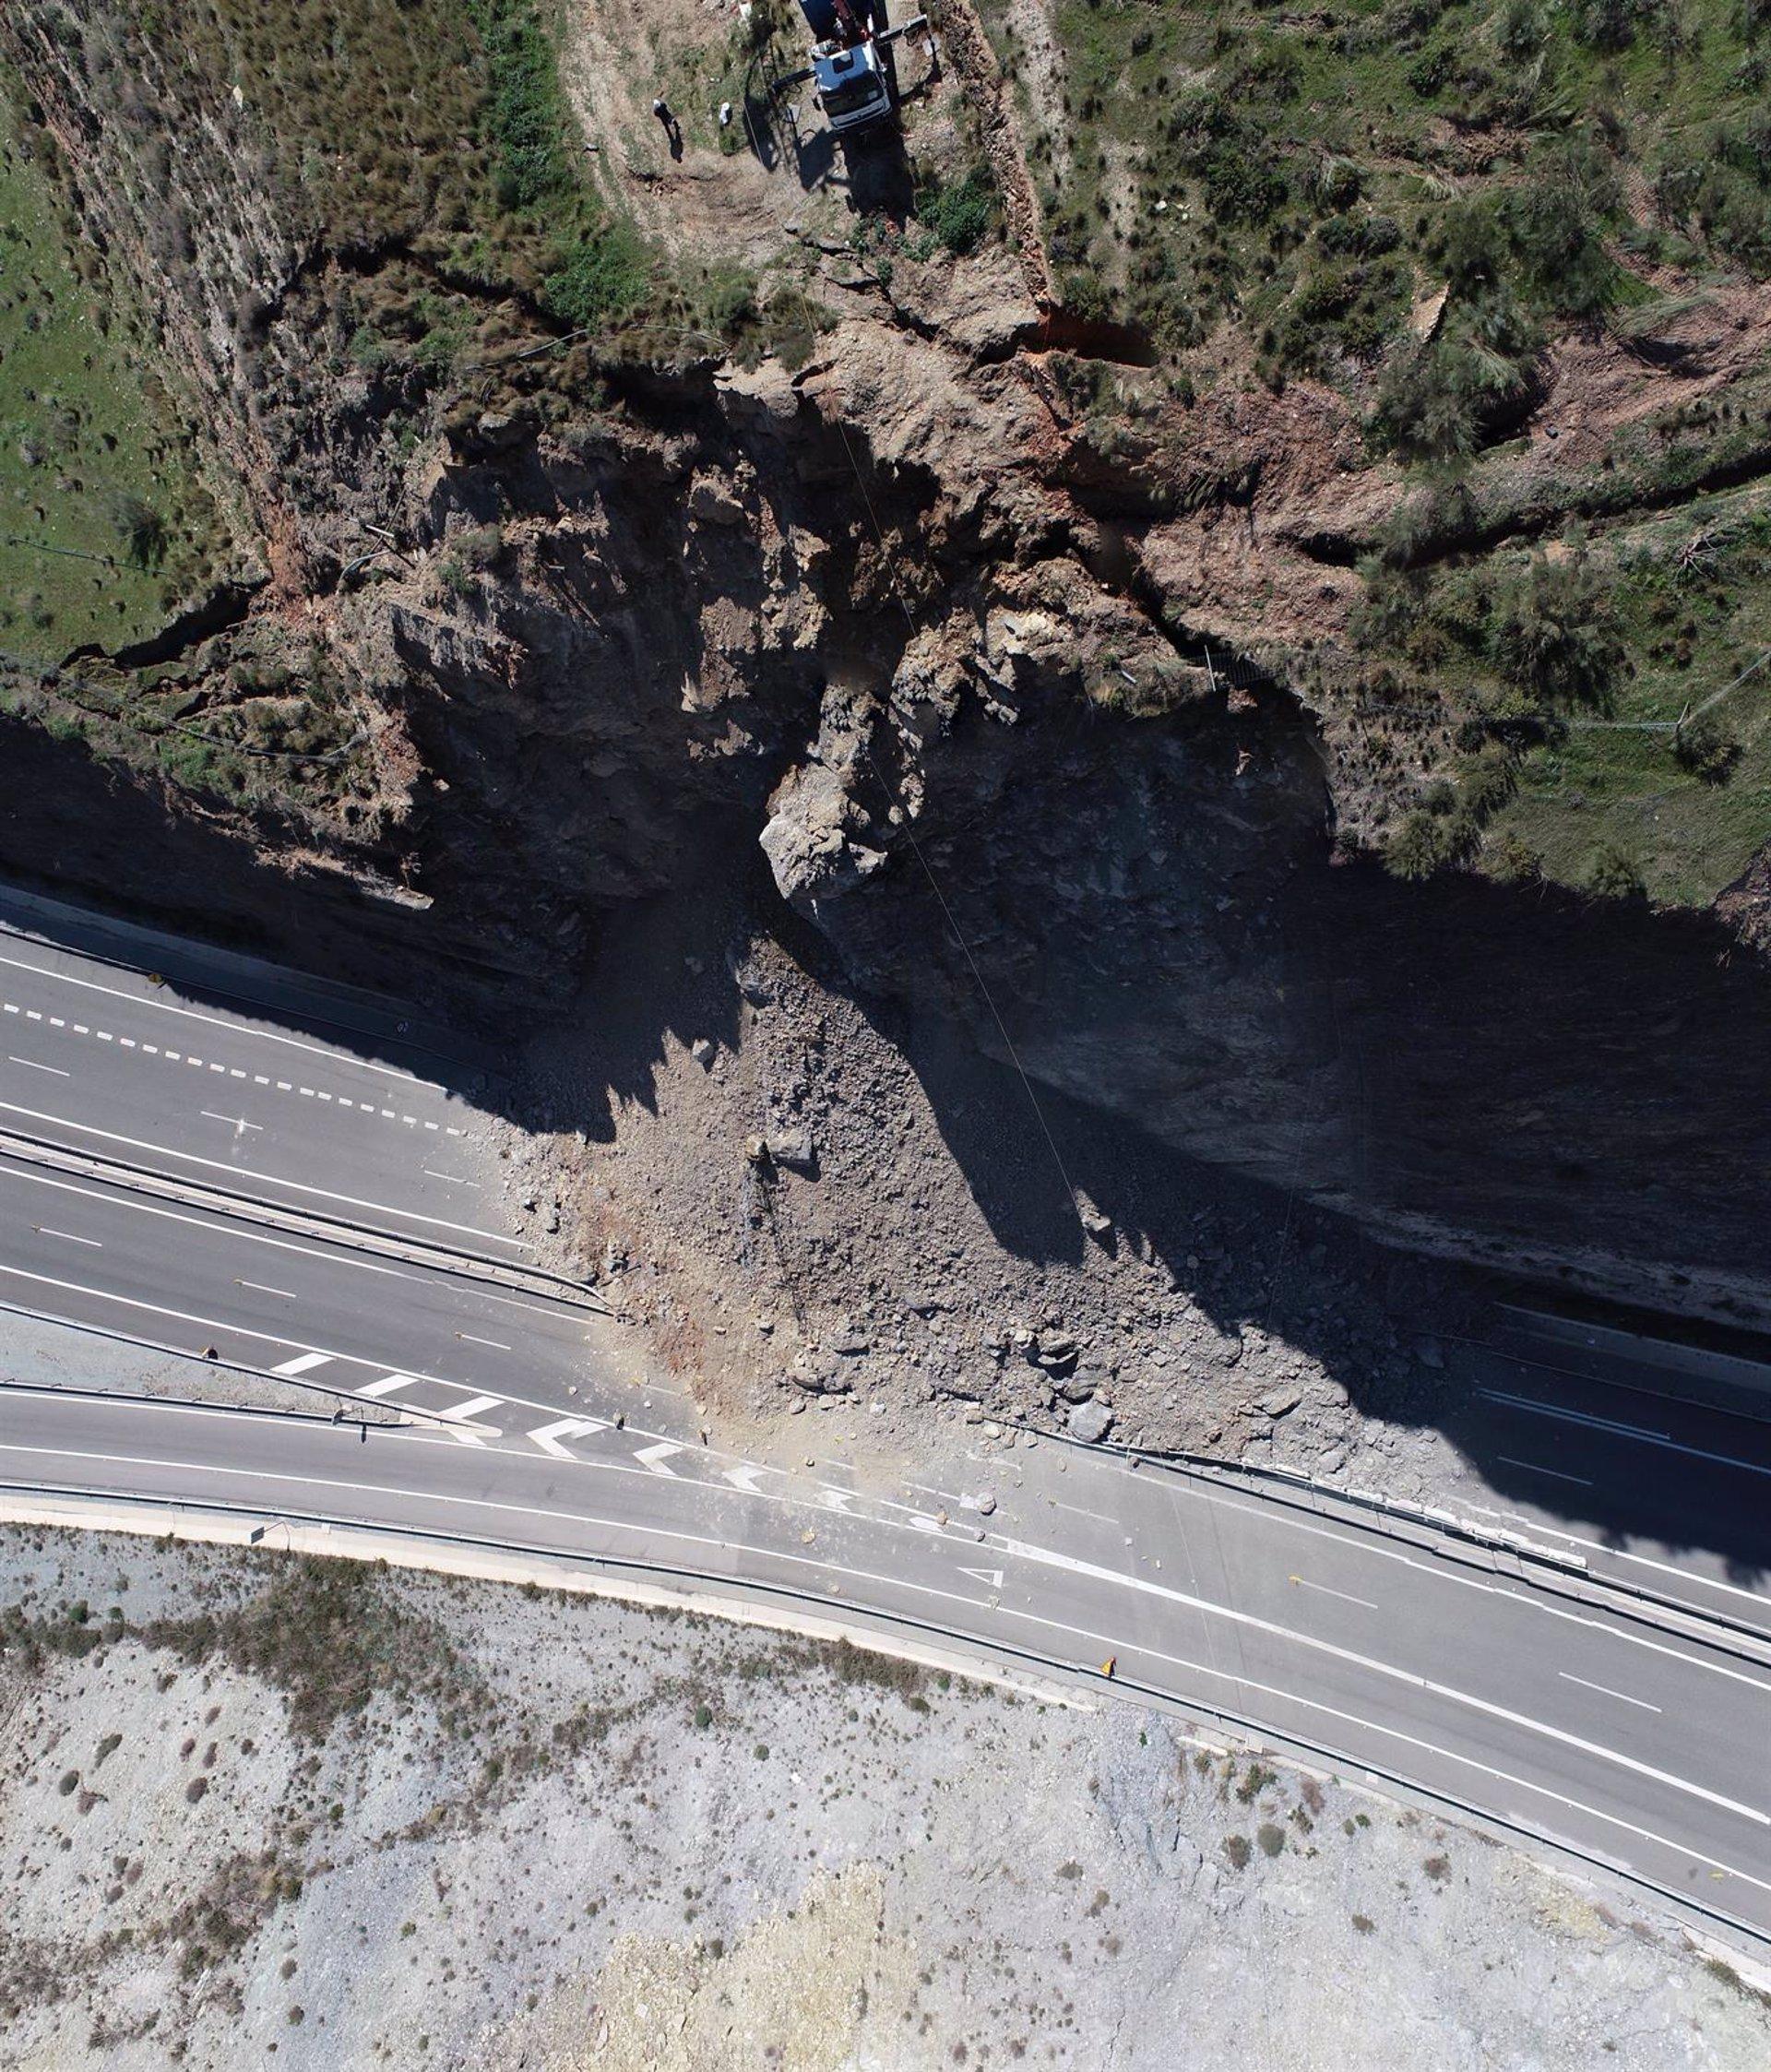 Restablecen el tráfico en la A-7 entre Carchuna y Castell tras el desprendimiento de marzo